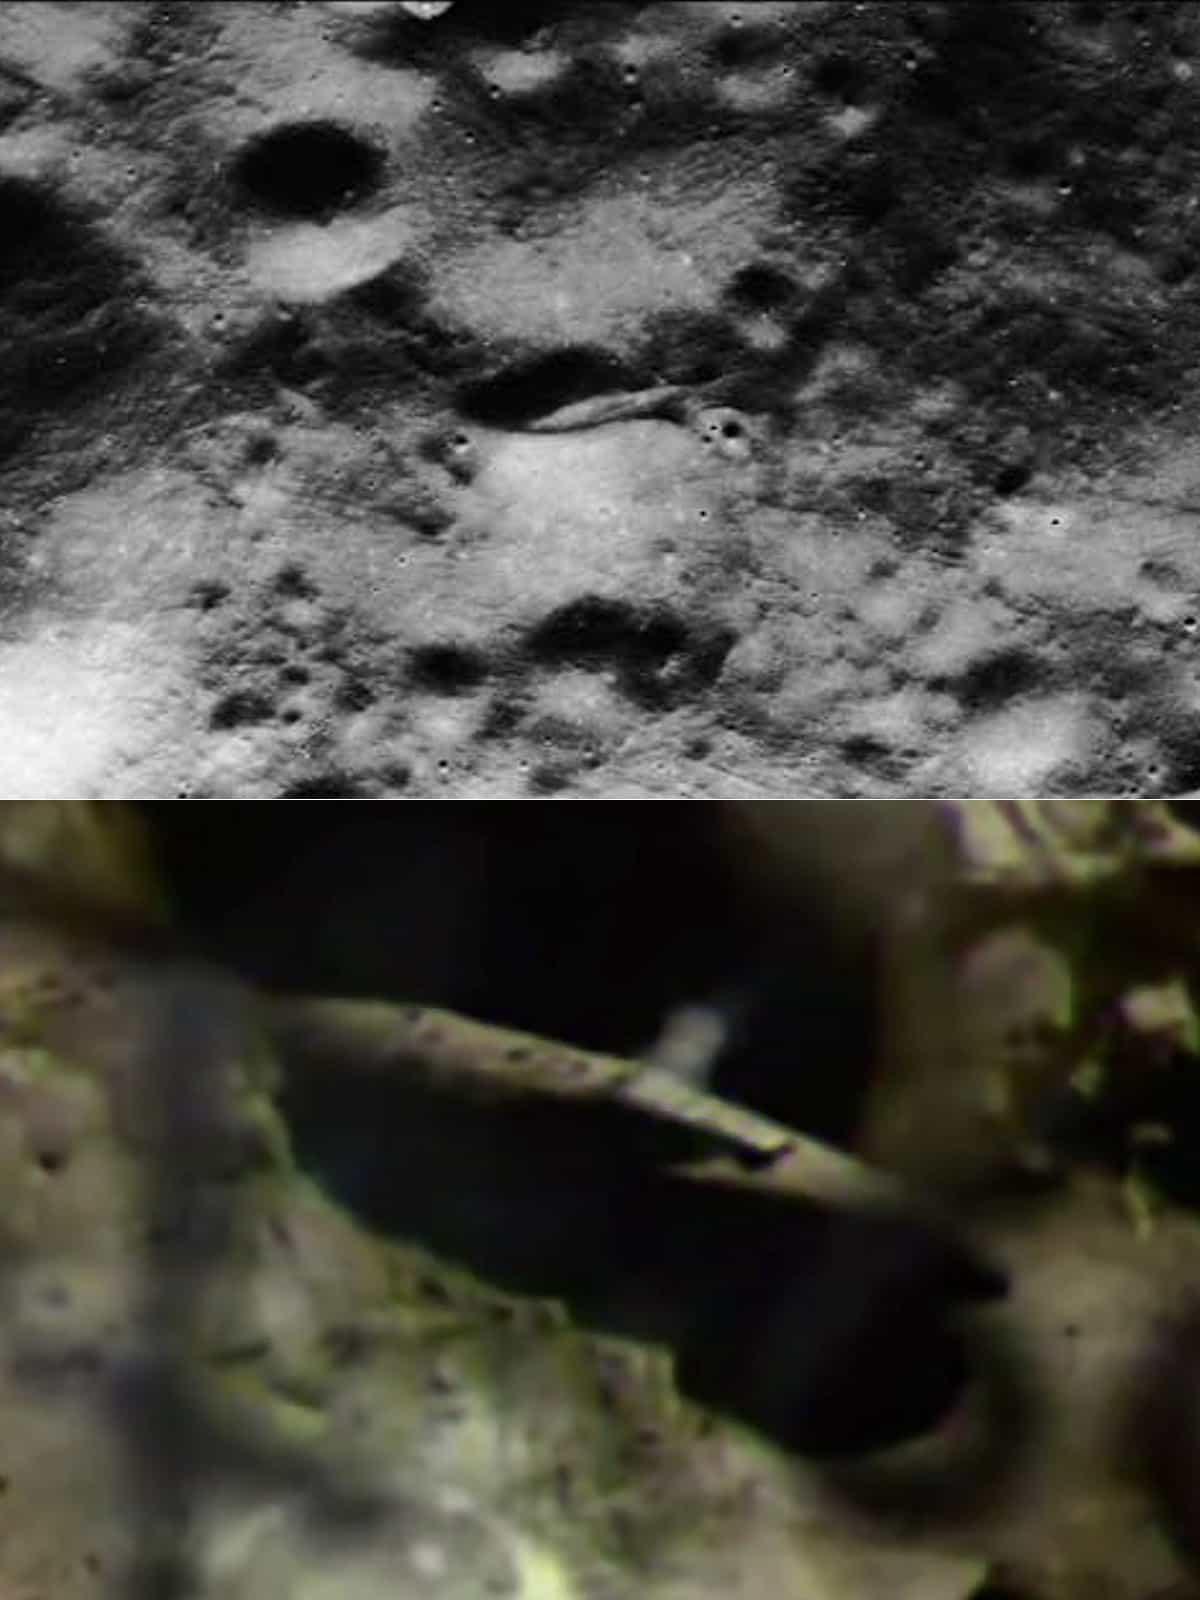 инопланетный корабль на Луне